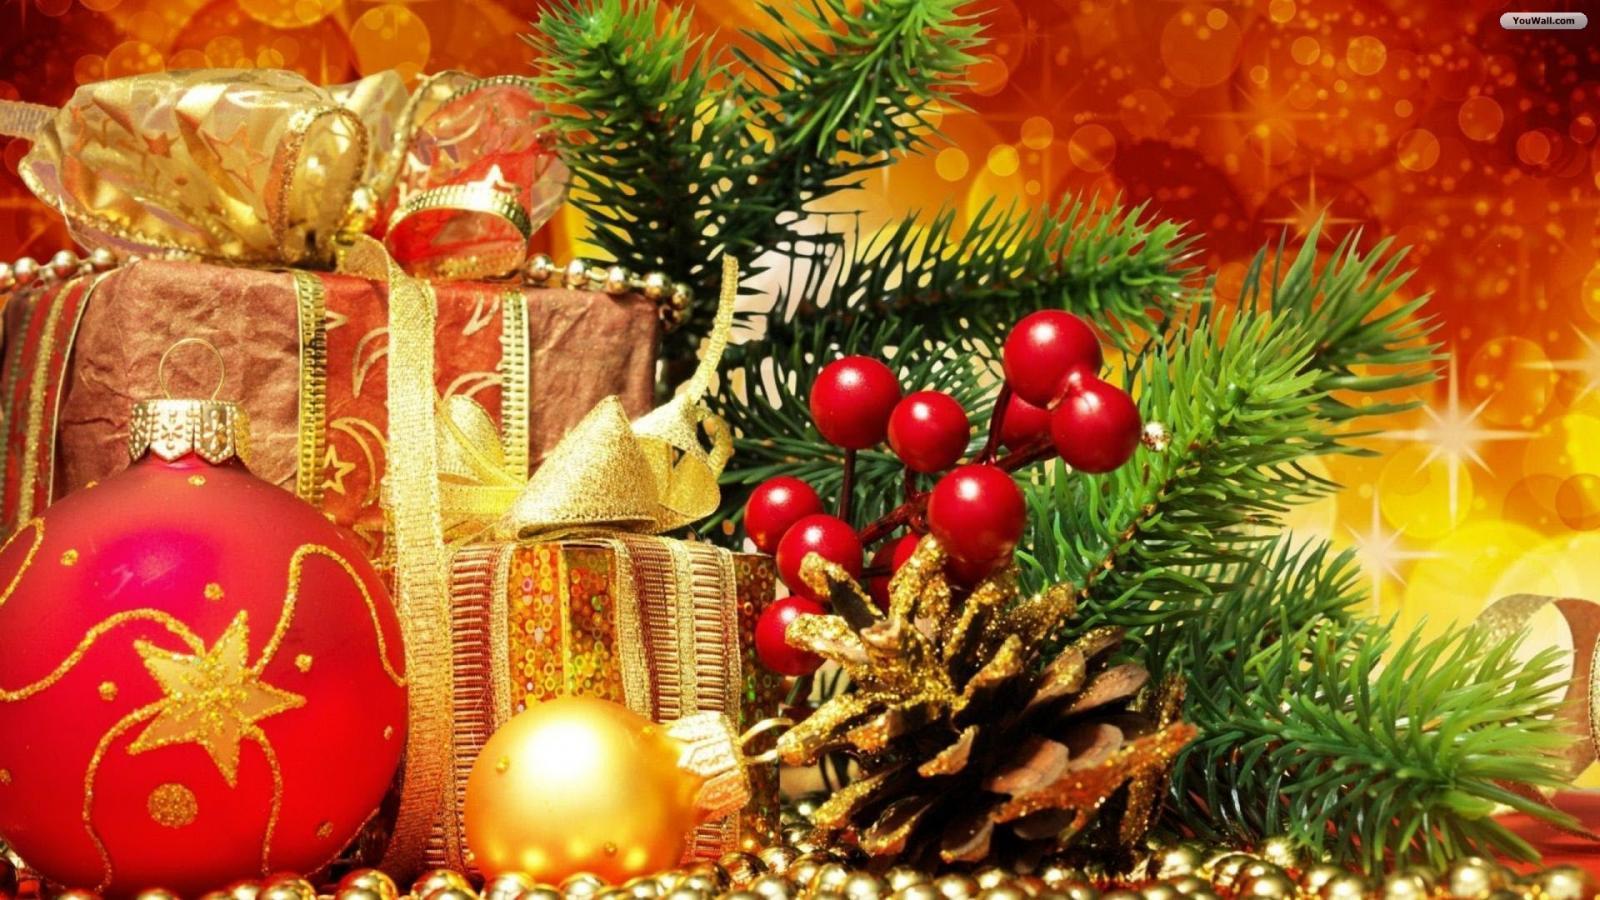 Noeli dünyanın farklı ülkelerinde nasıl kutlarsınız